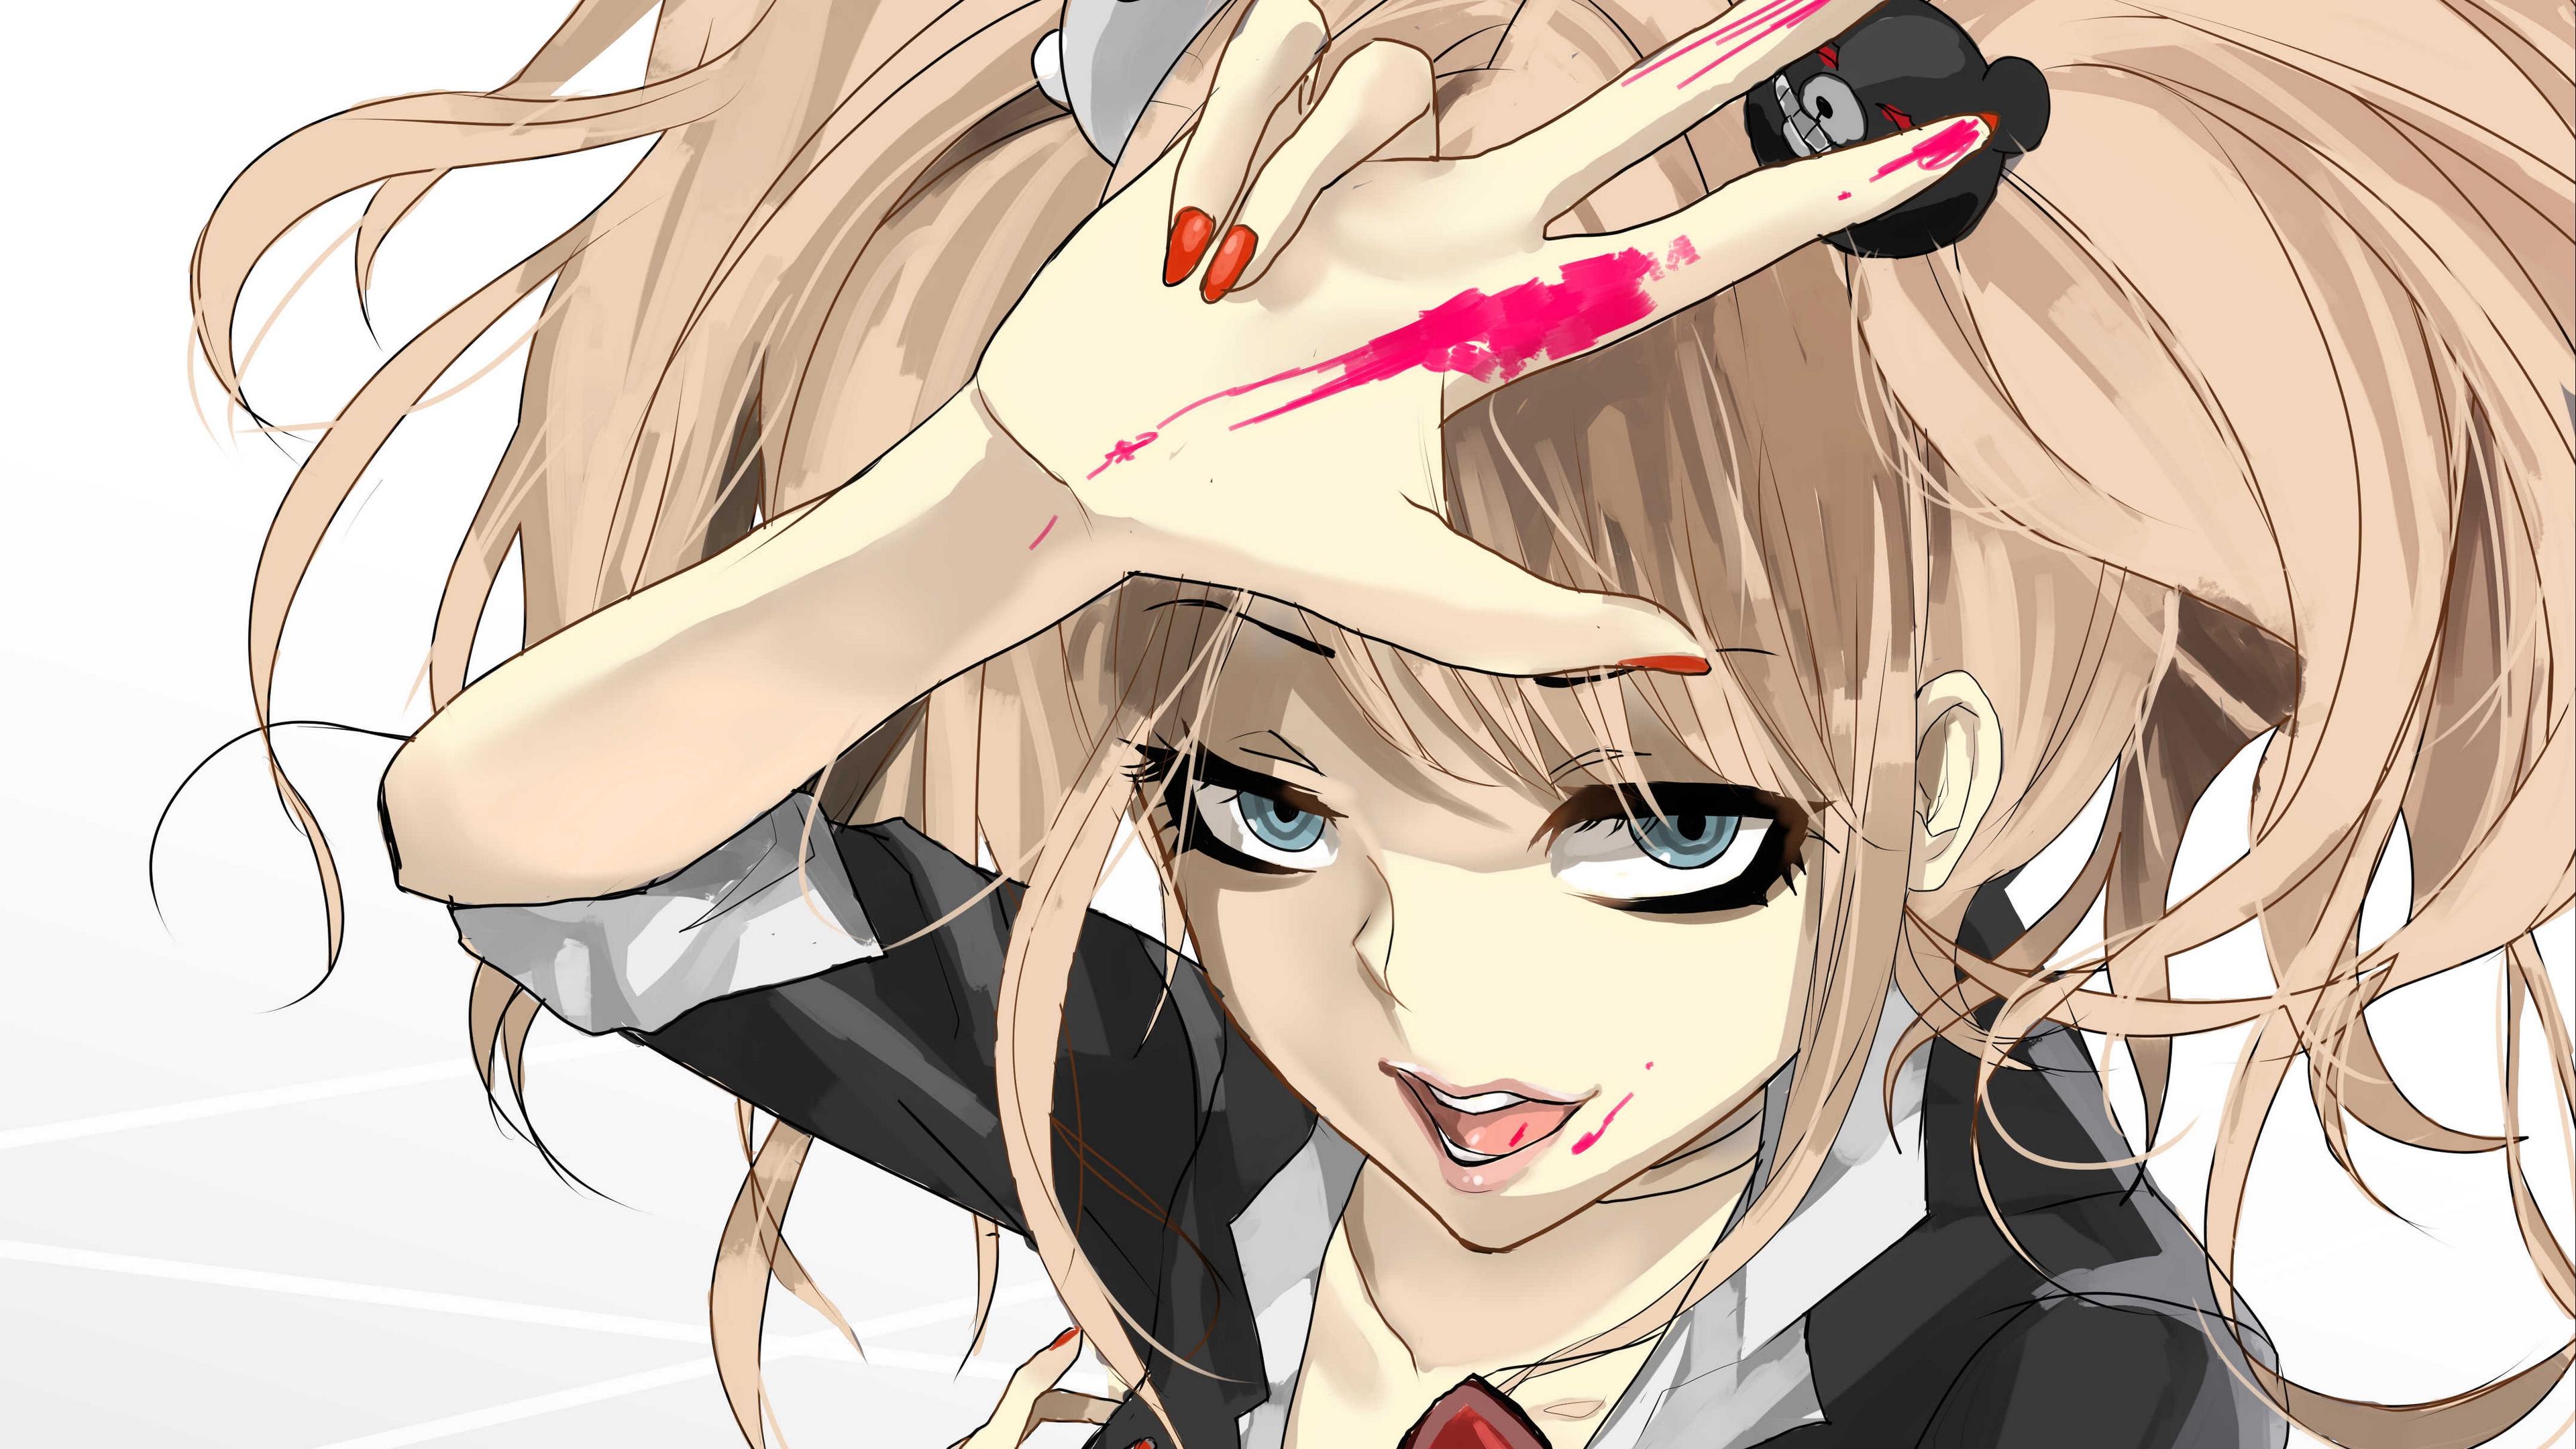 danganronpa girl anime face paint 4k 1541975948 - danganronpa, girl, anime, face, paint 4k - Girl, danganronpa, Anime